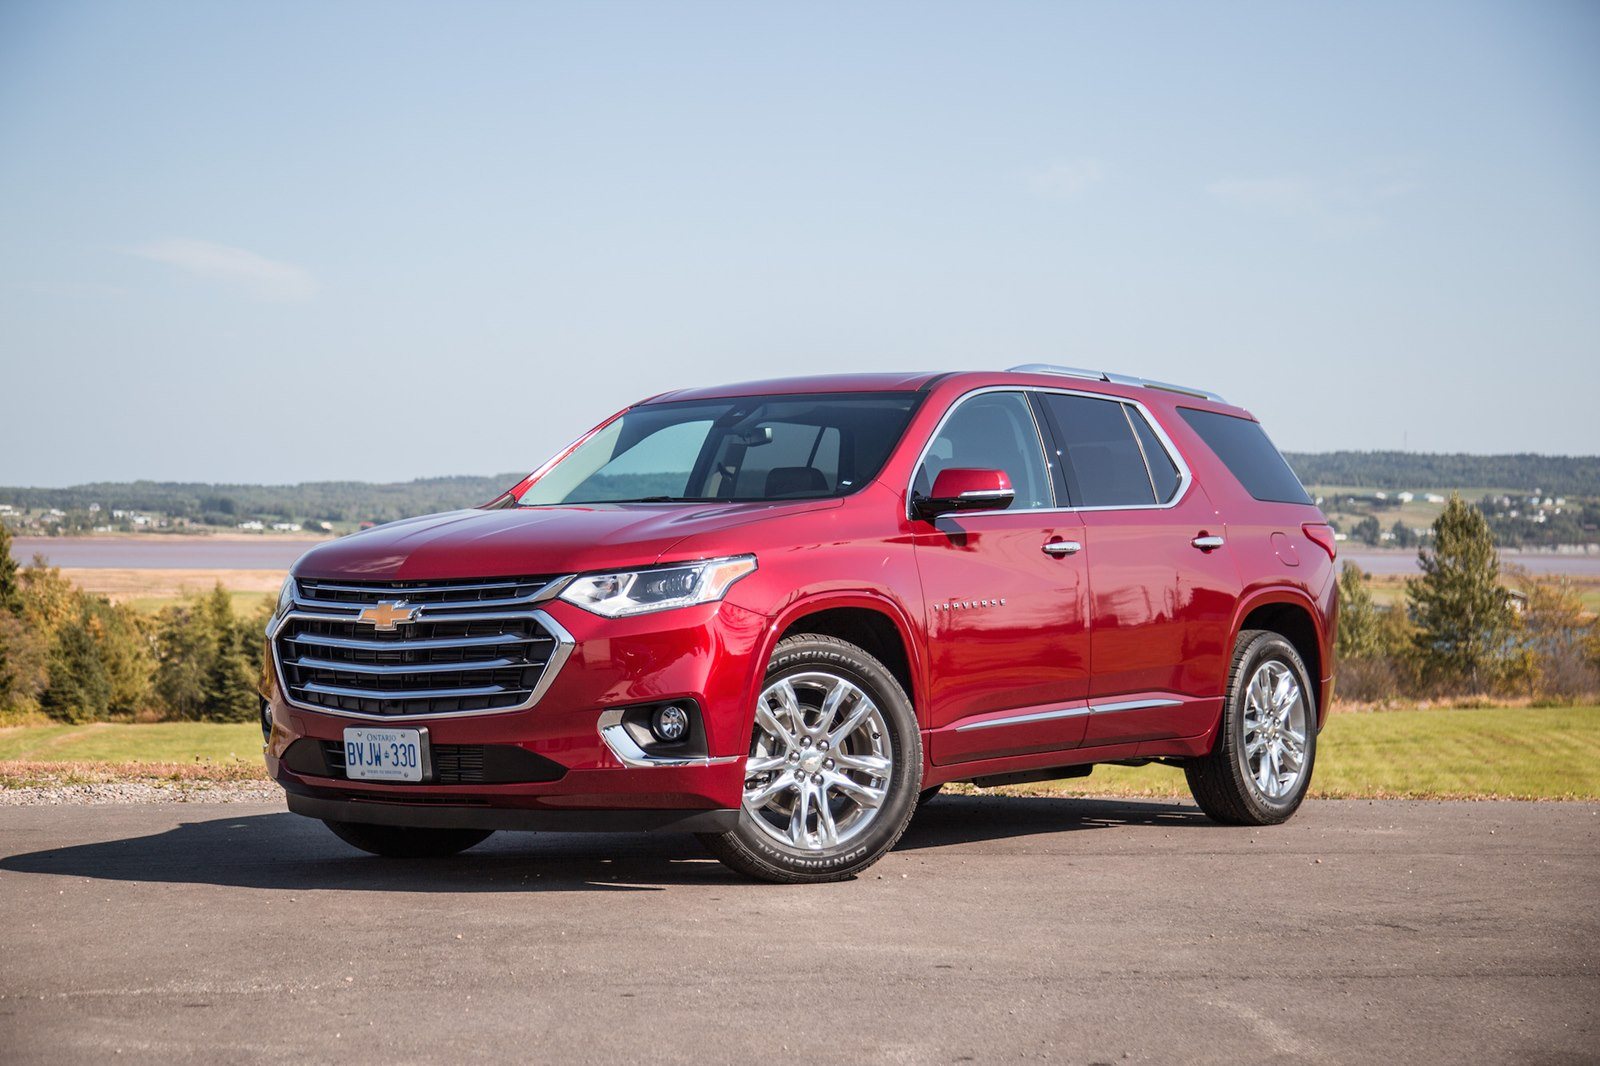 Chevrolet объявила цены на кроссовер Traverse в России